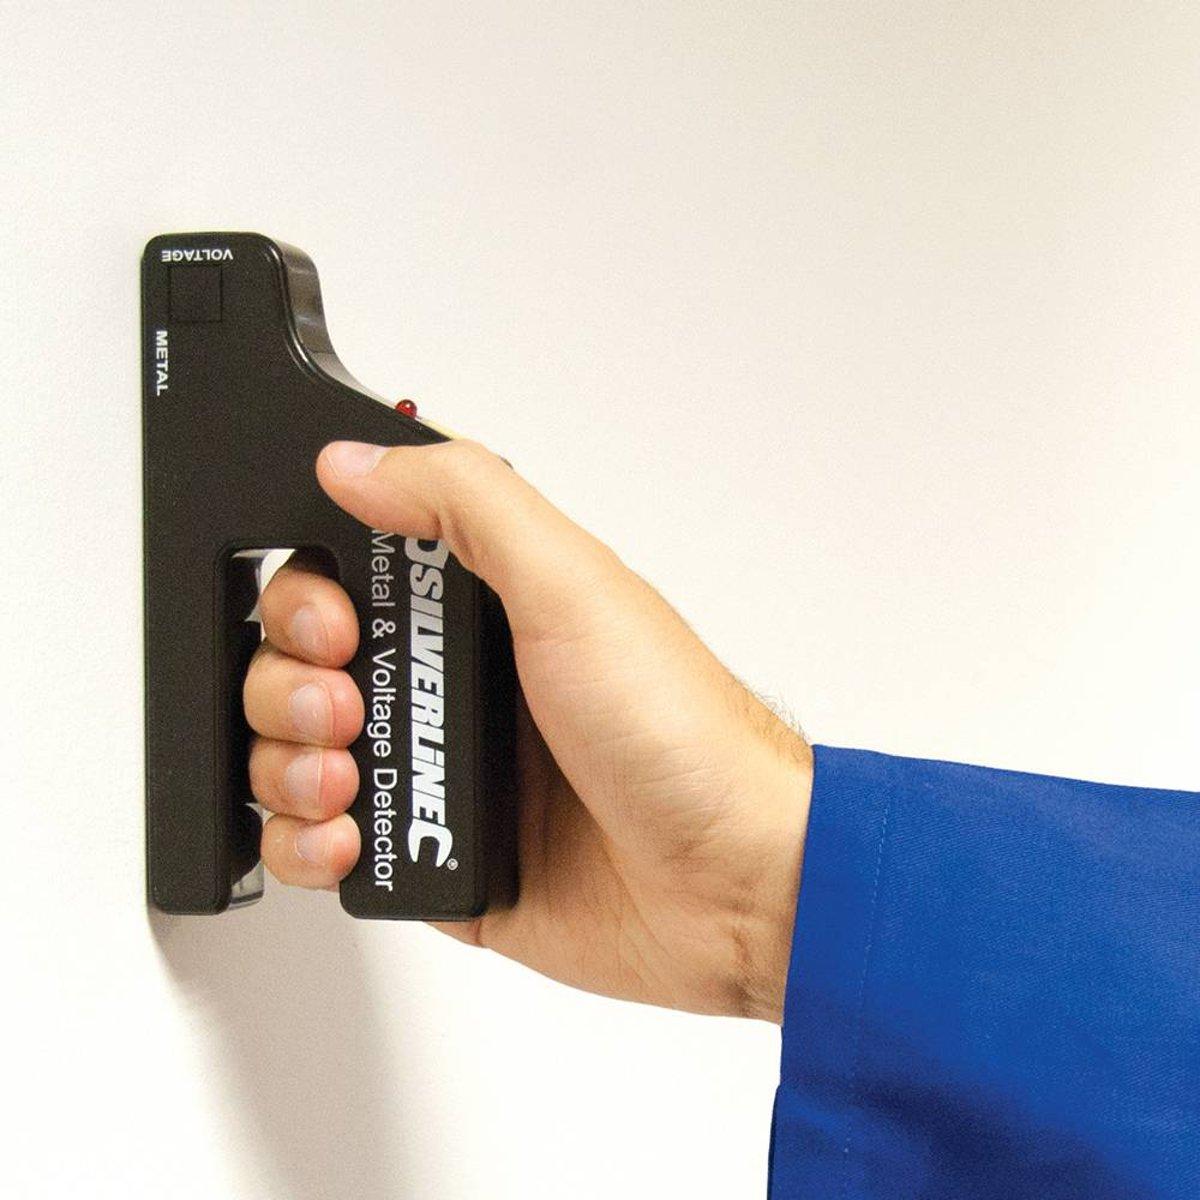 Metaal En Spanning Detector (1 X 9 V (Pp3)) kopen